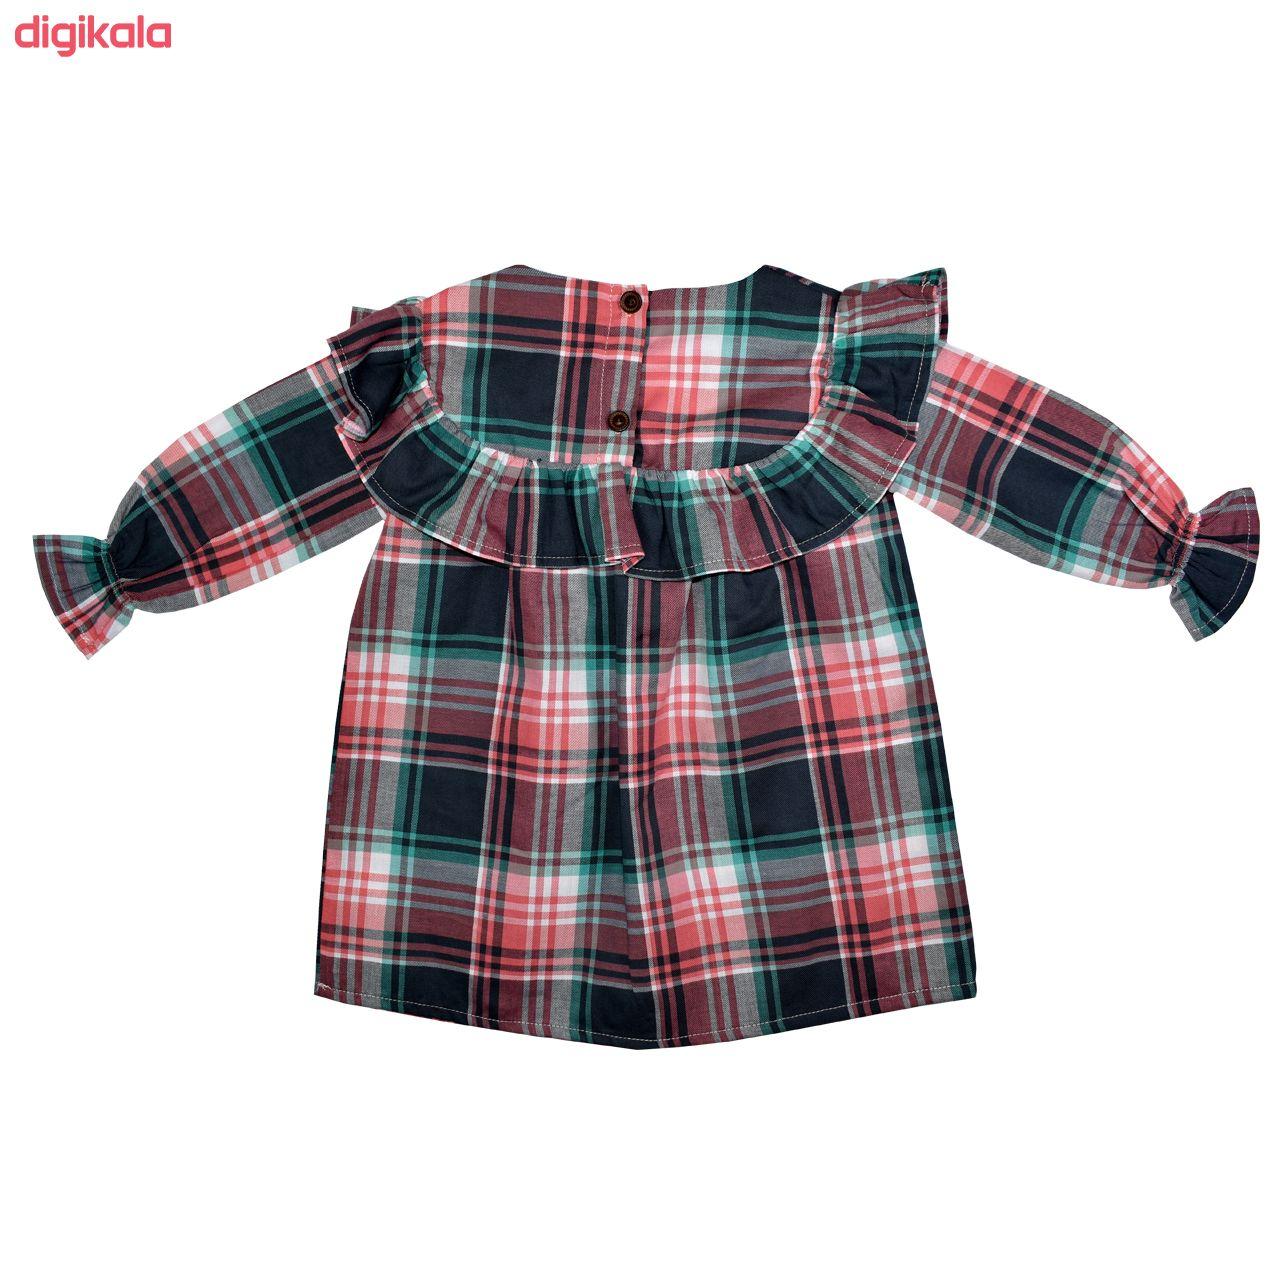 پیراهن دخترانه نیروان مدل 101096 -1 main 1 2